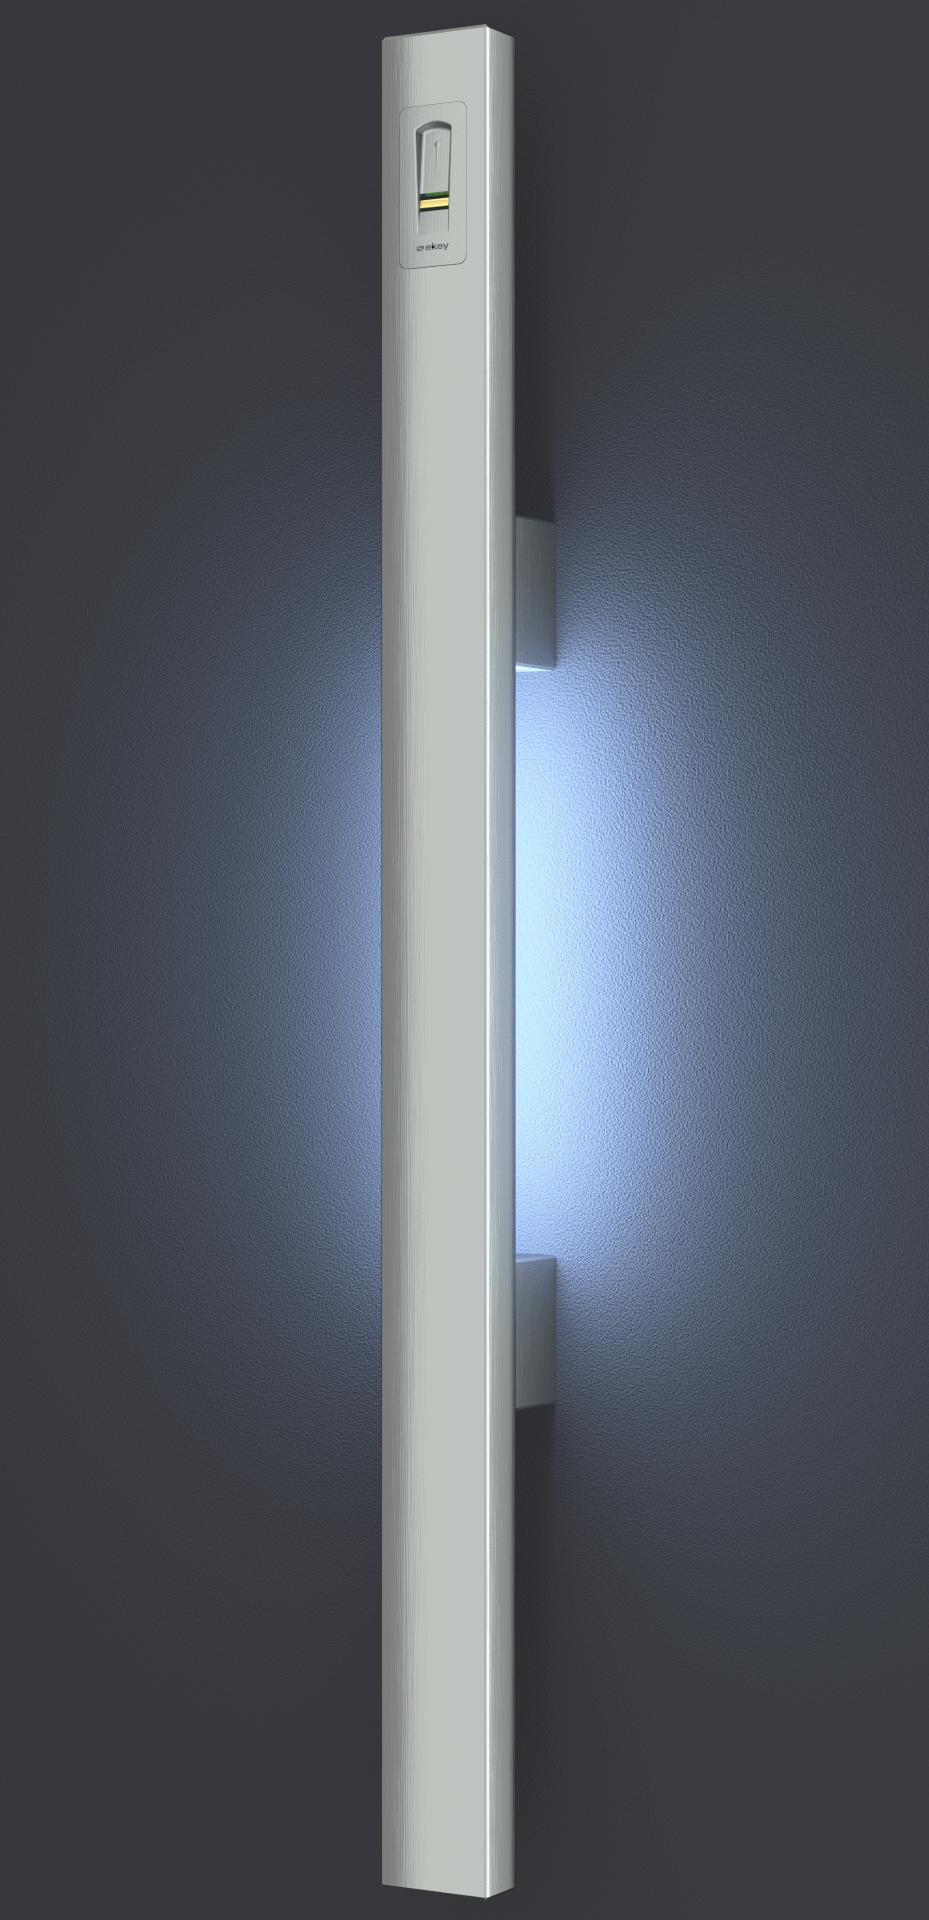 Griffingov ročaj GPR-CPO-LED iz linije Prime Line-inox ročaji za vhodna vrata